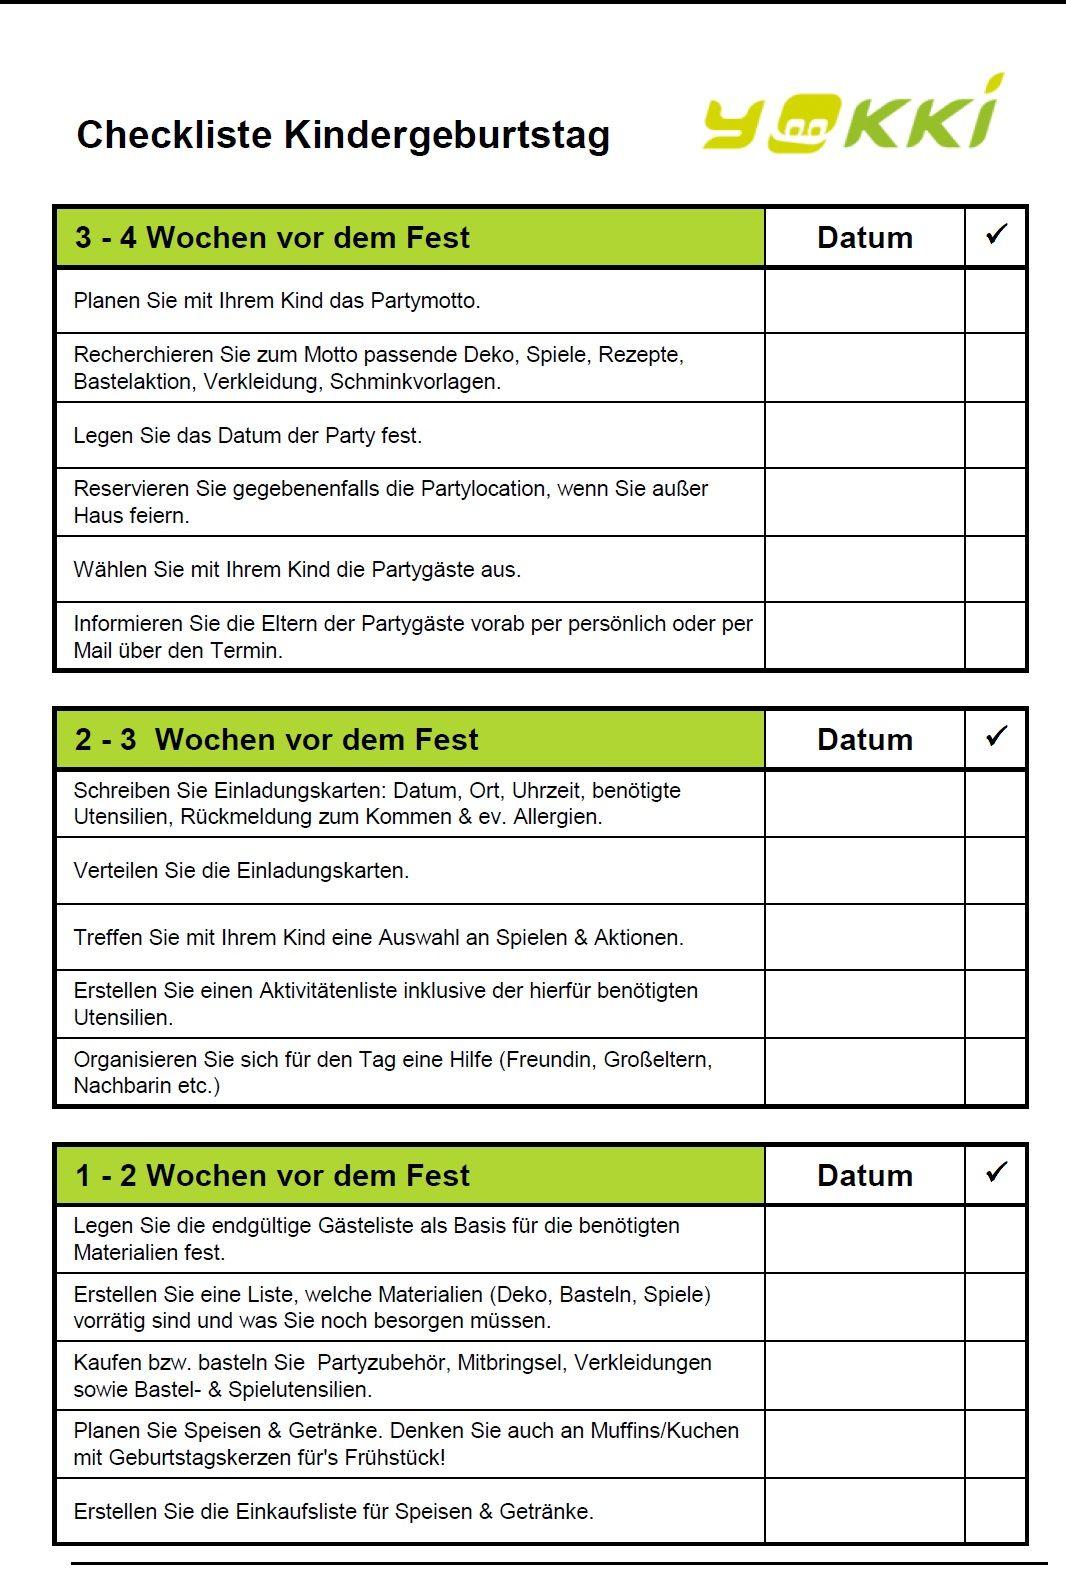 Checkliste Planung, Ideen und Spiele für den Kindergeburtstag von ...